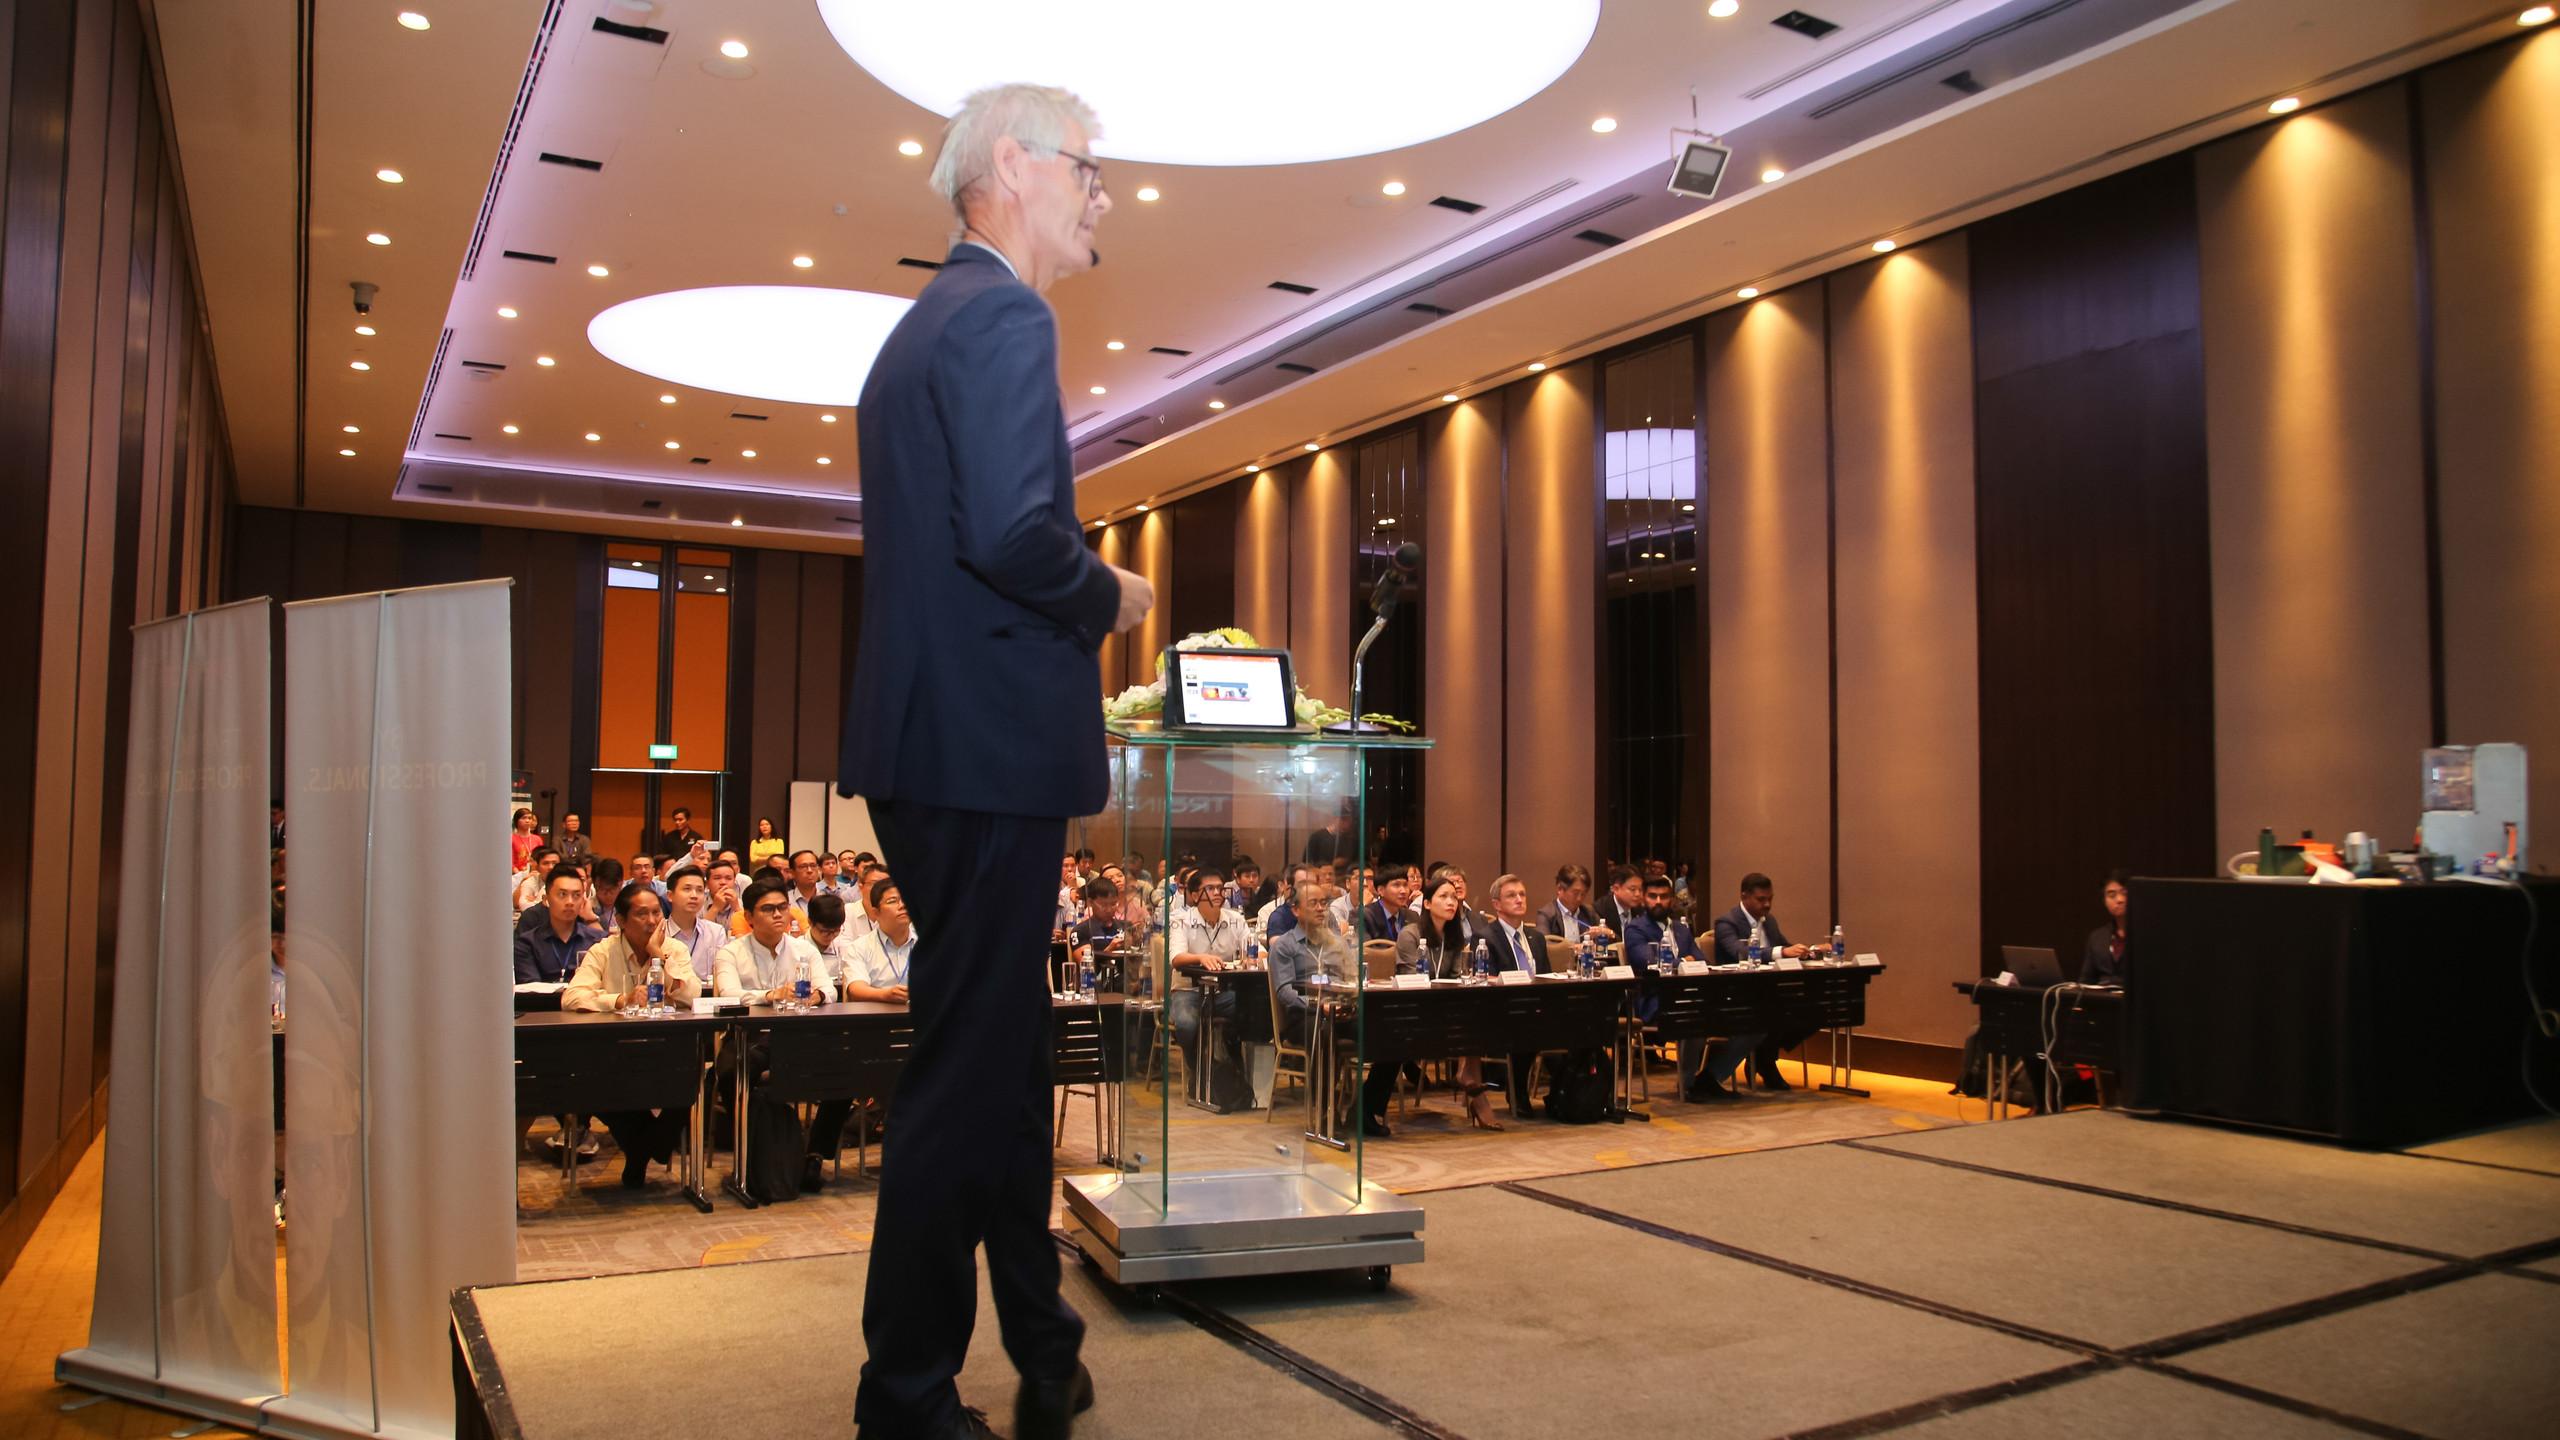 Ông Einar Thorén, Giám đốc điều hành, Trainor AS & Trainor Certification phát biểu khai mạc hội thảo. (Ảnh: Trainor)